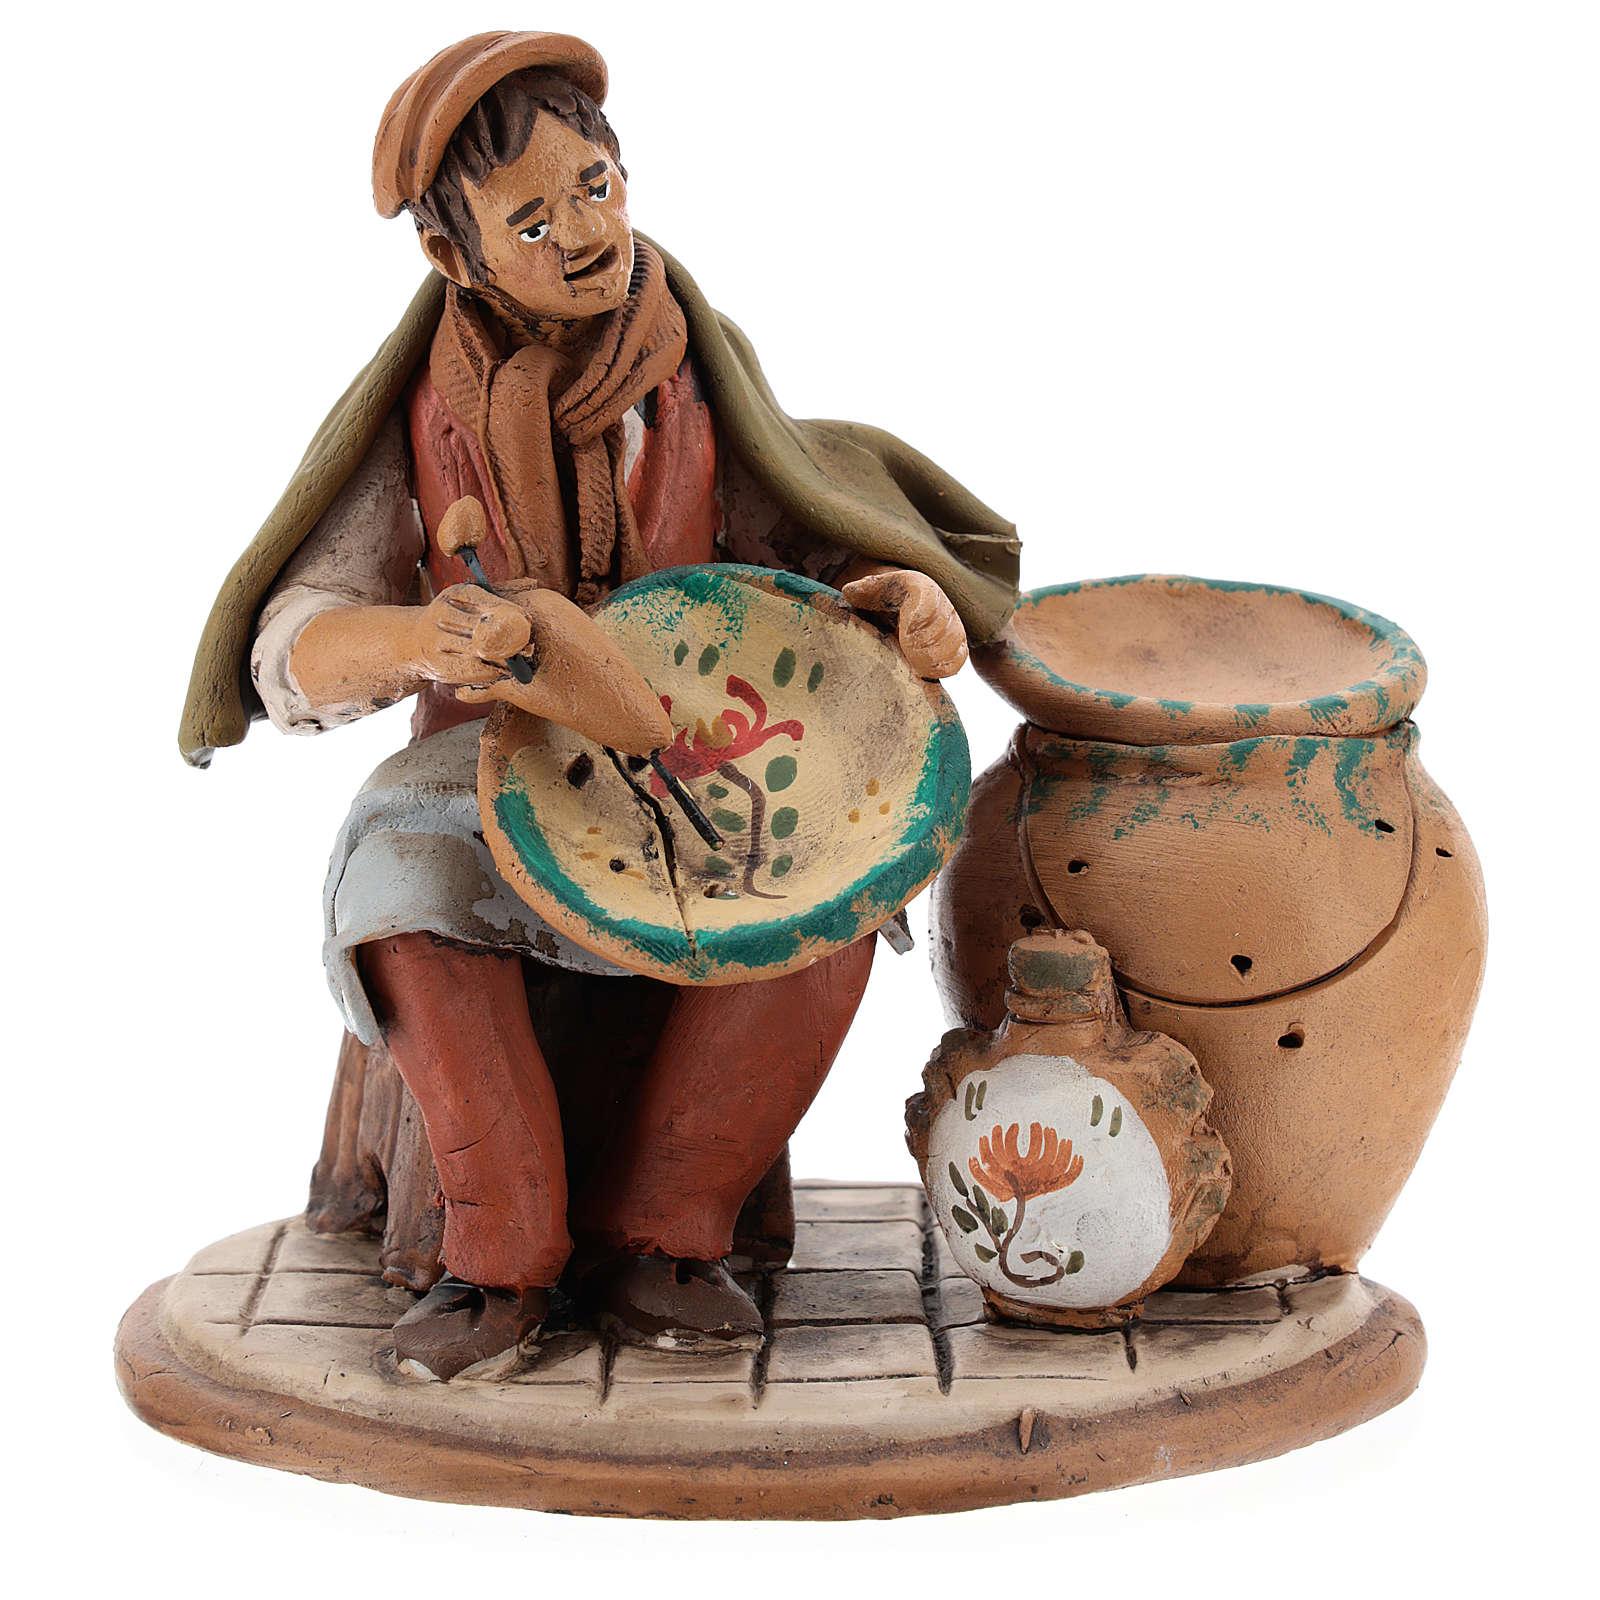 Santon crèche de Noël décorateur d'assiettes terre cuite 18cm 4